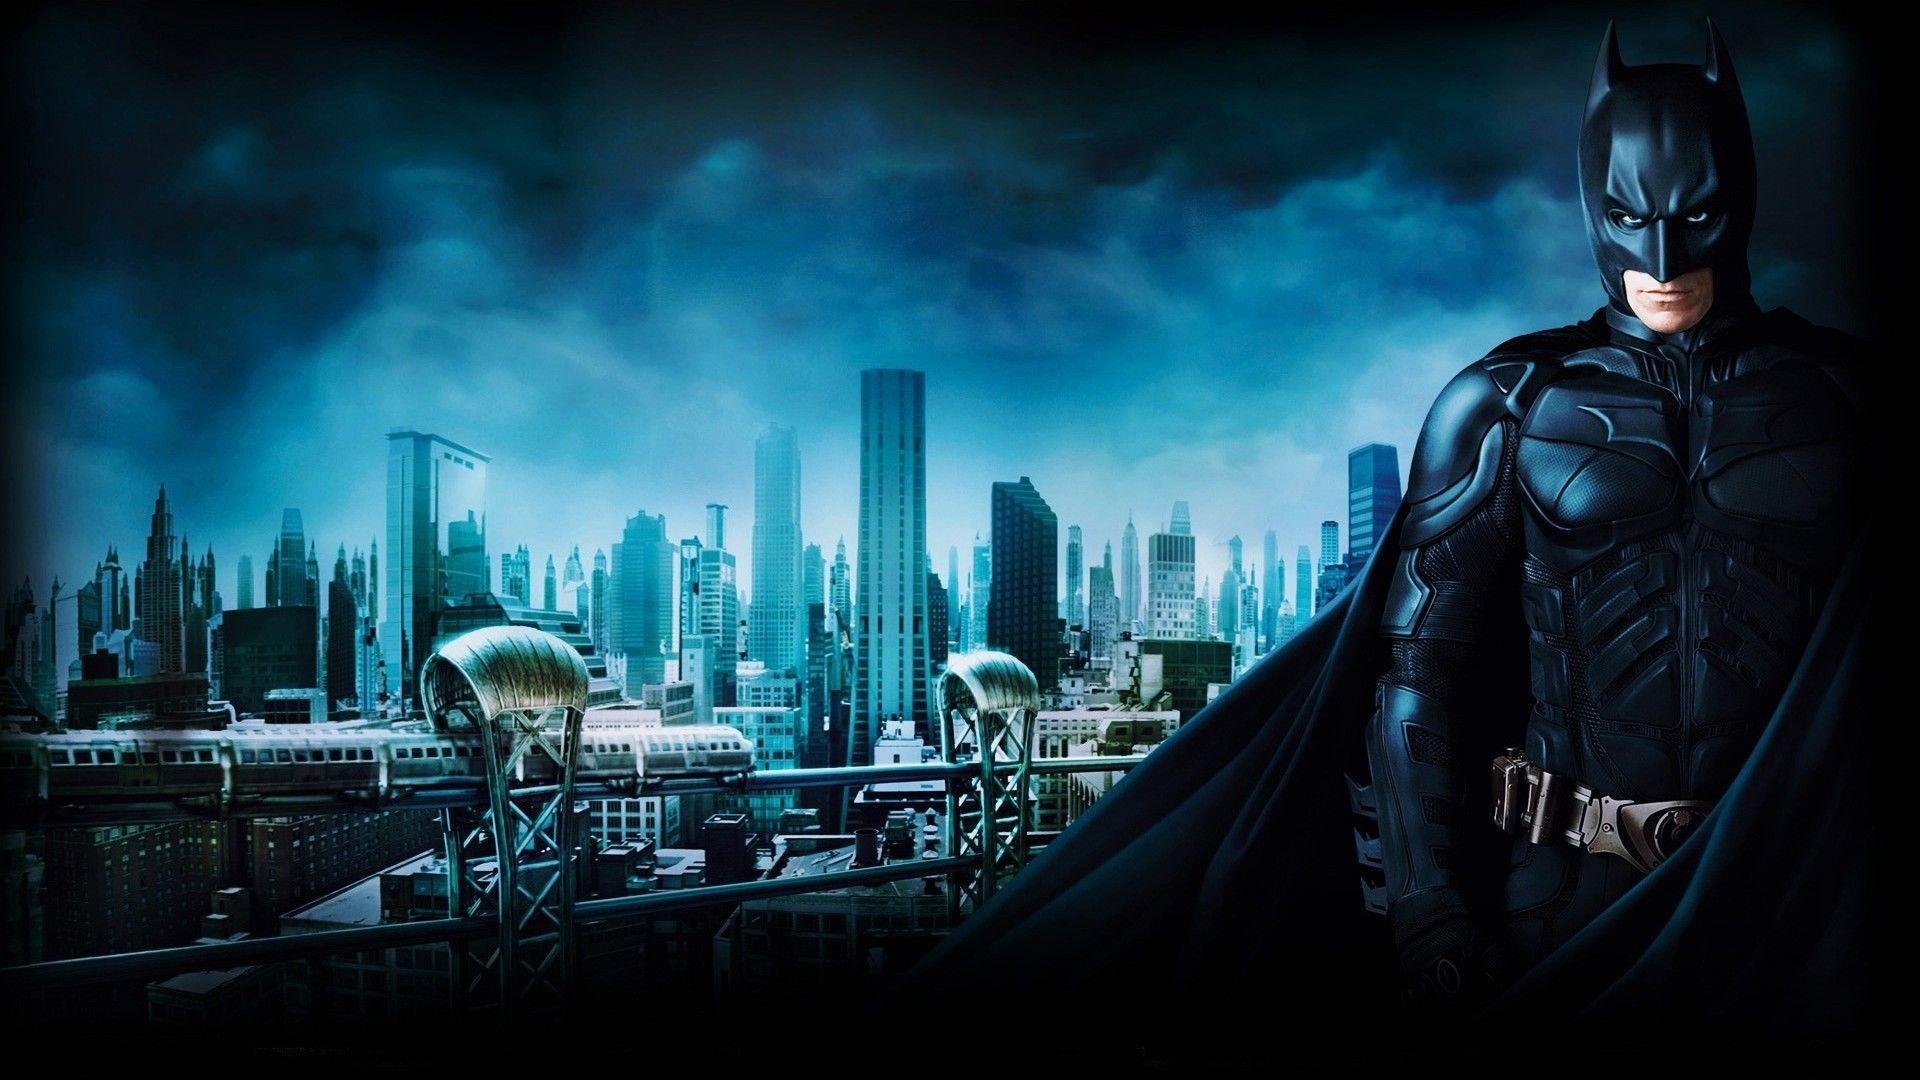 Hd wallpaper batman - Download Batman Begins Gotham Train Wallpaper Full Hd Wallpapers